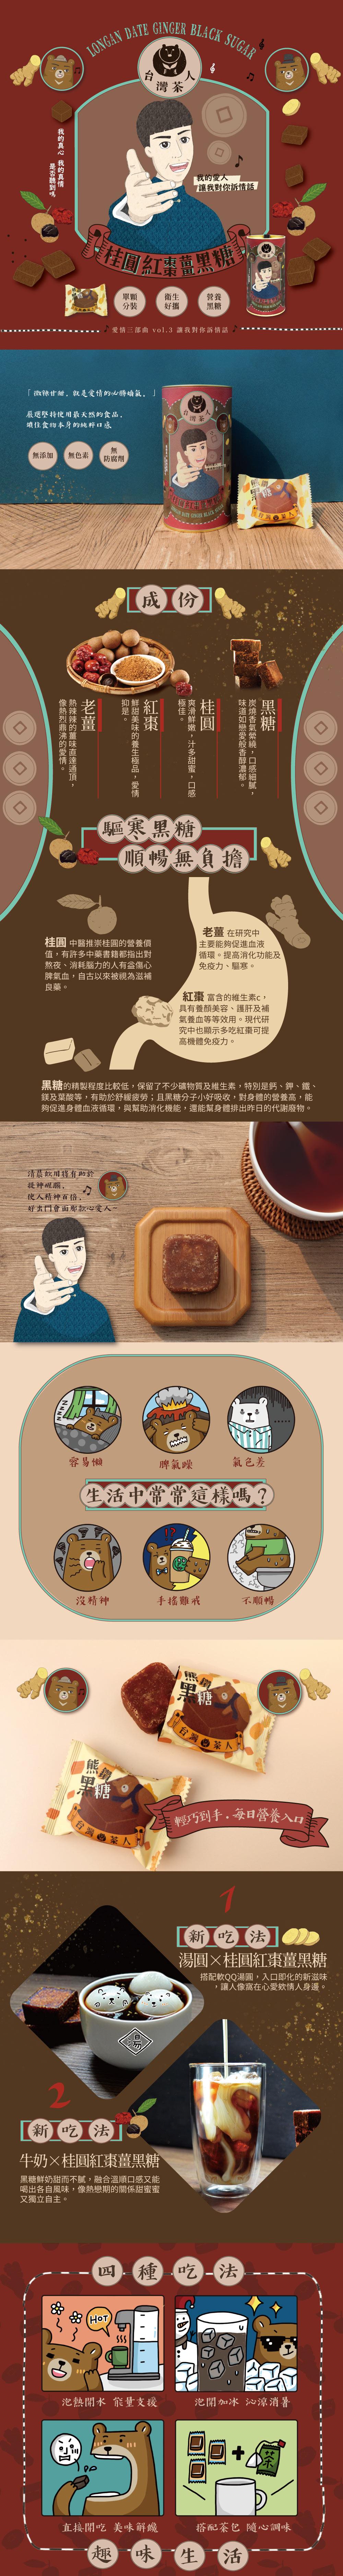 【台灣茶人】桂圓紅棗黑糖, 3件$520再送精美提袋